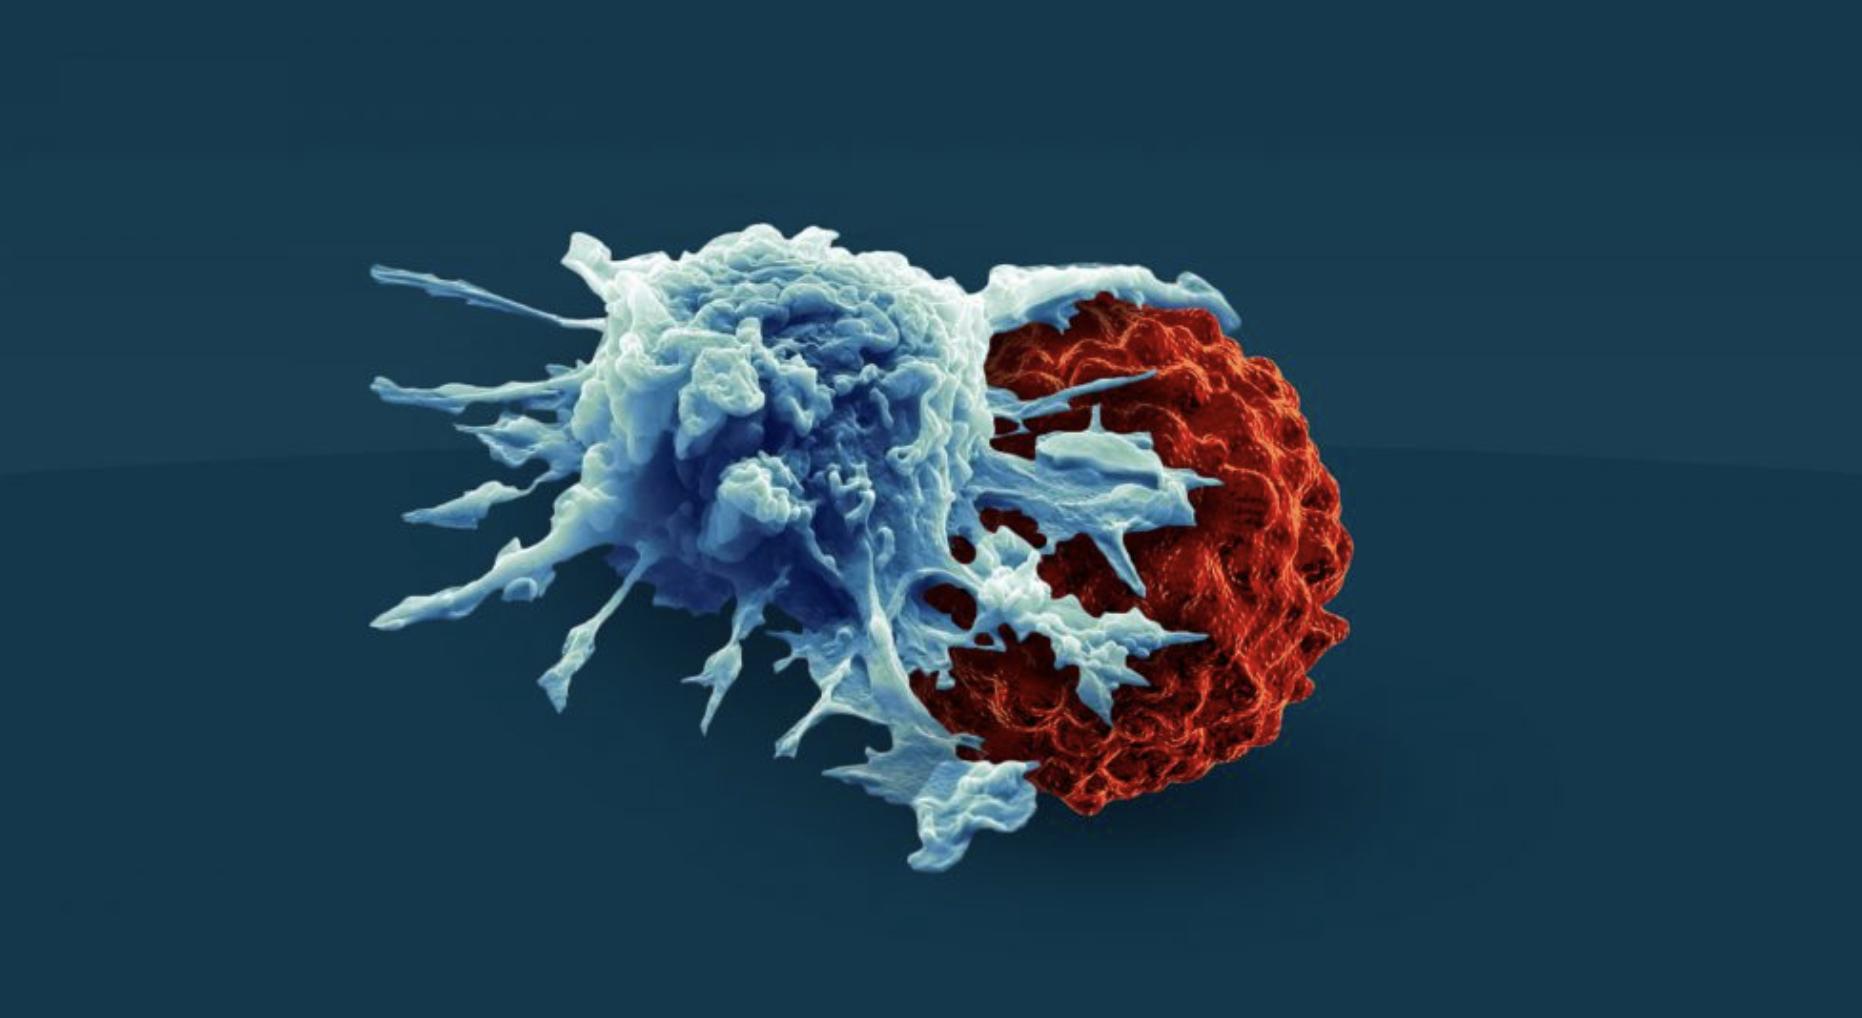 最新综述!Nature:癌症免疫疗法下一步是联合治疗,根除肿瘤不是最终目标